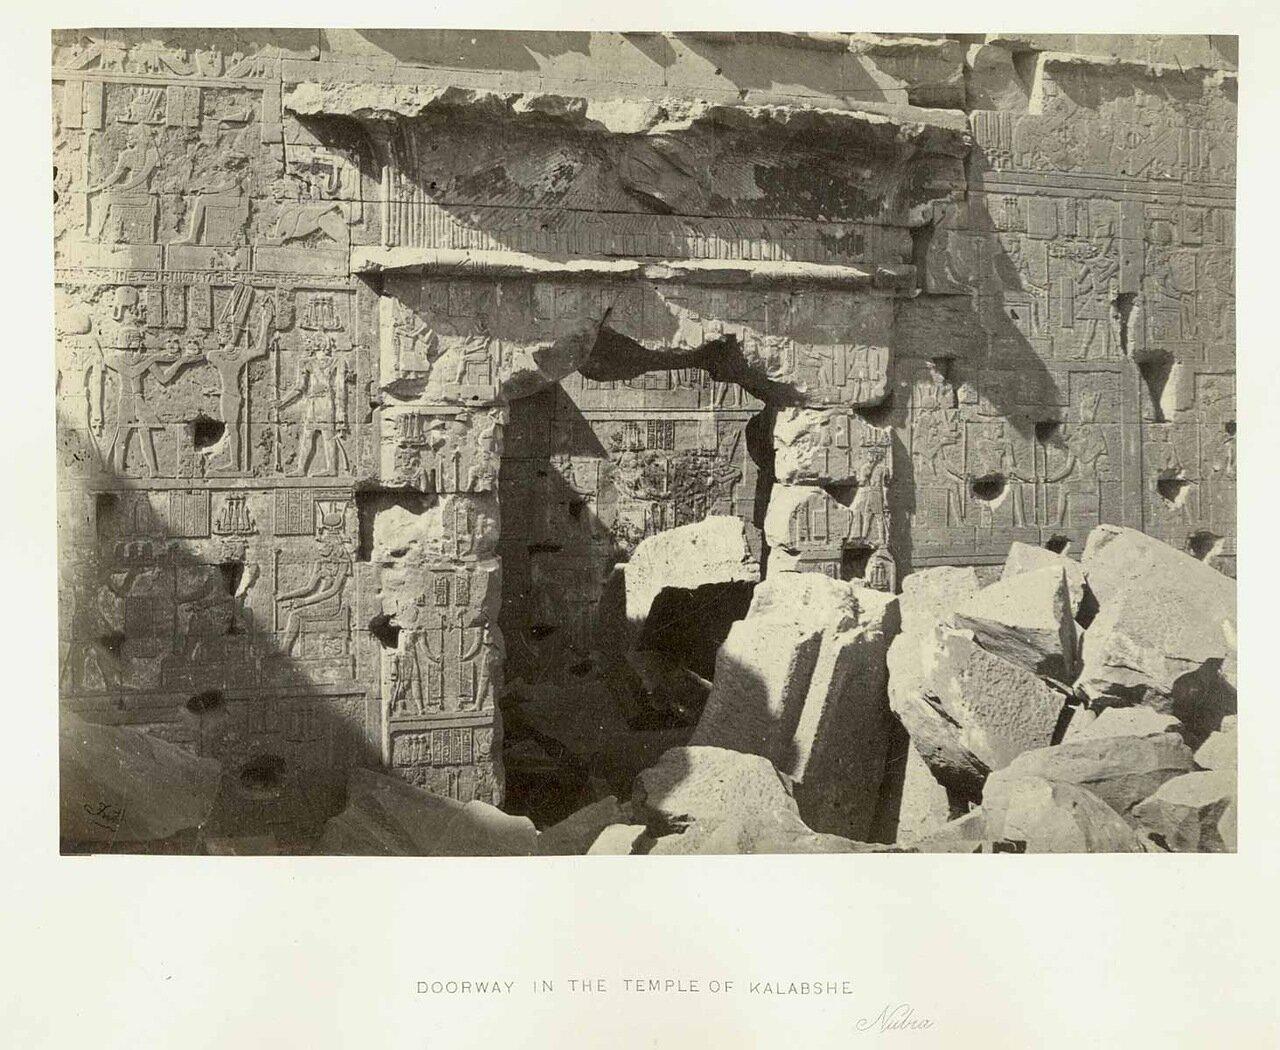 Храм Калабша. Дверной проем. 1862